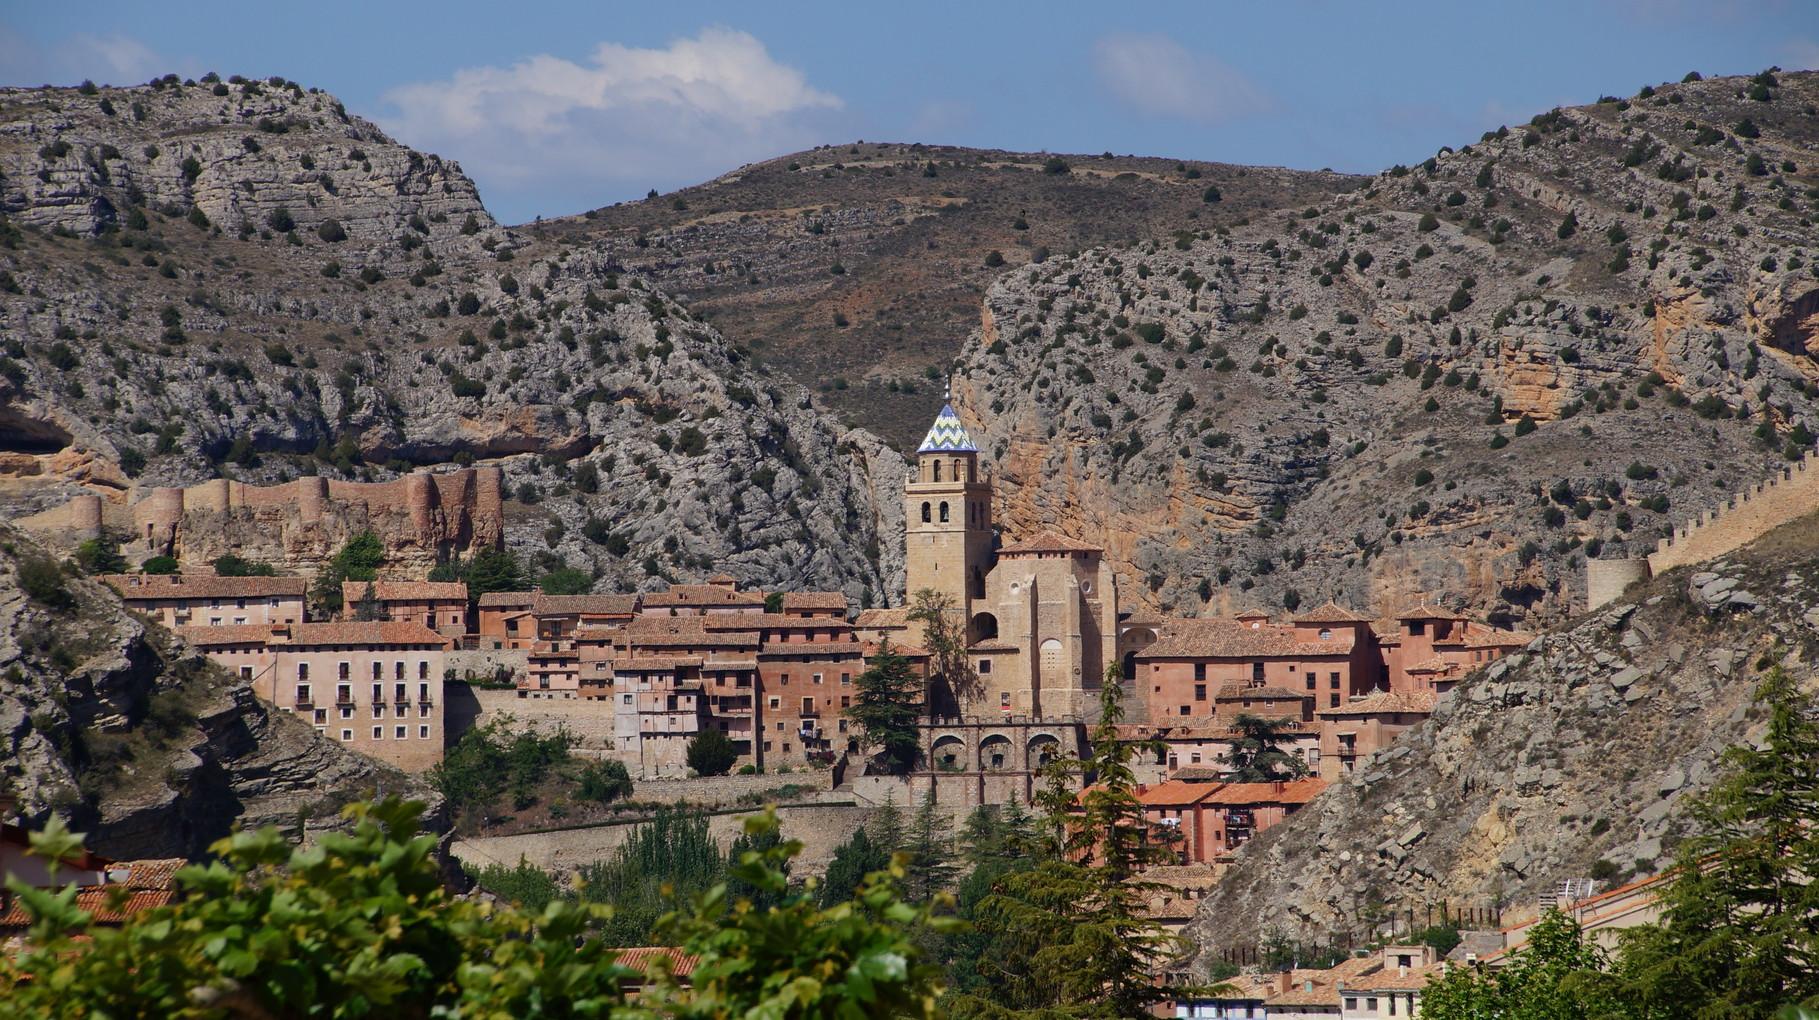 <B>Albarracín ist eine auf 1171 m Höhe gelegene Kleinstadt in Nordspanien mit 1093 Einwohnern</B>